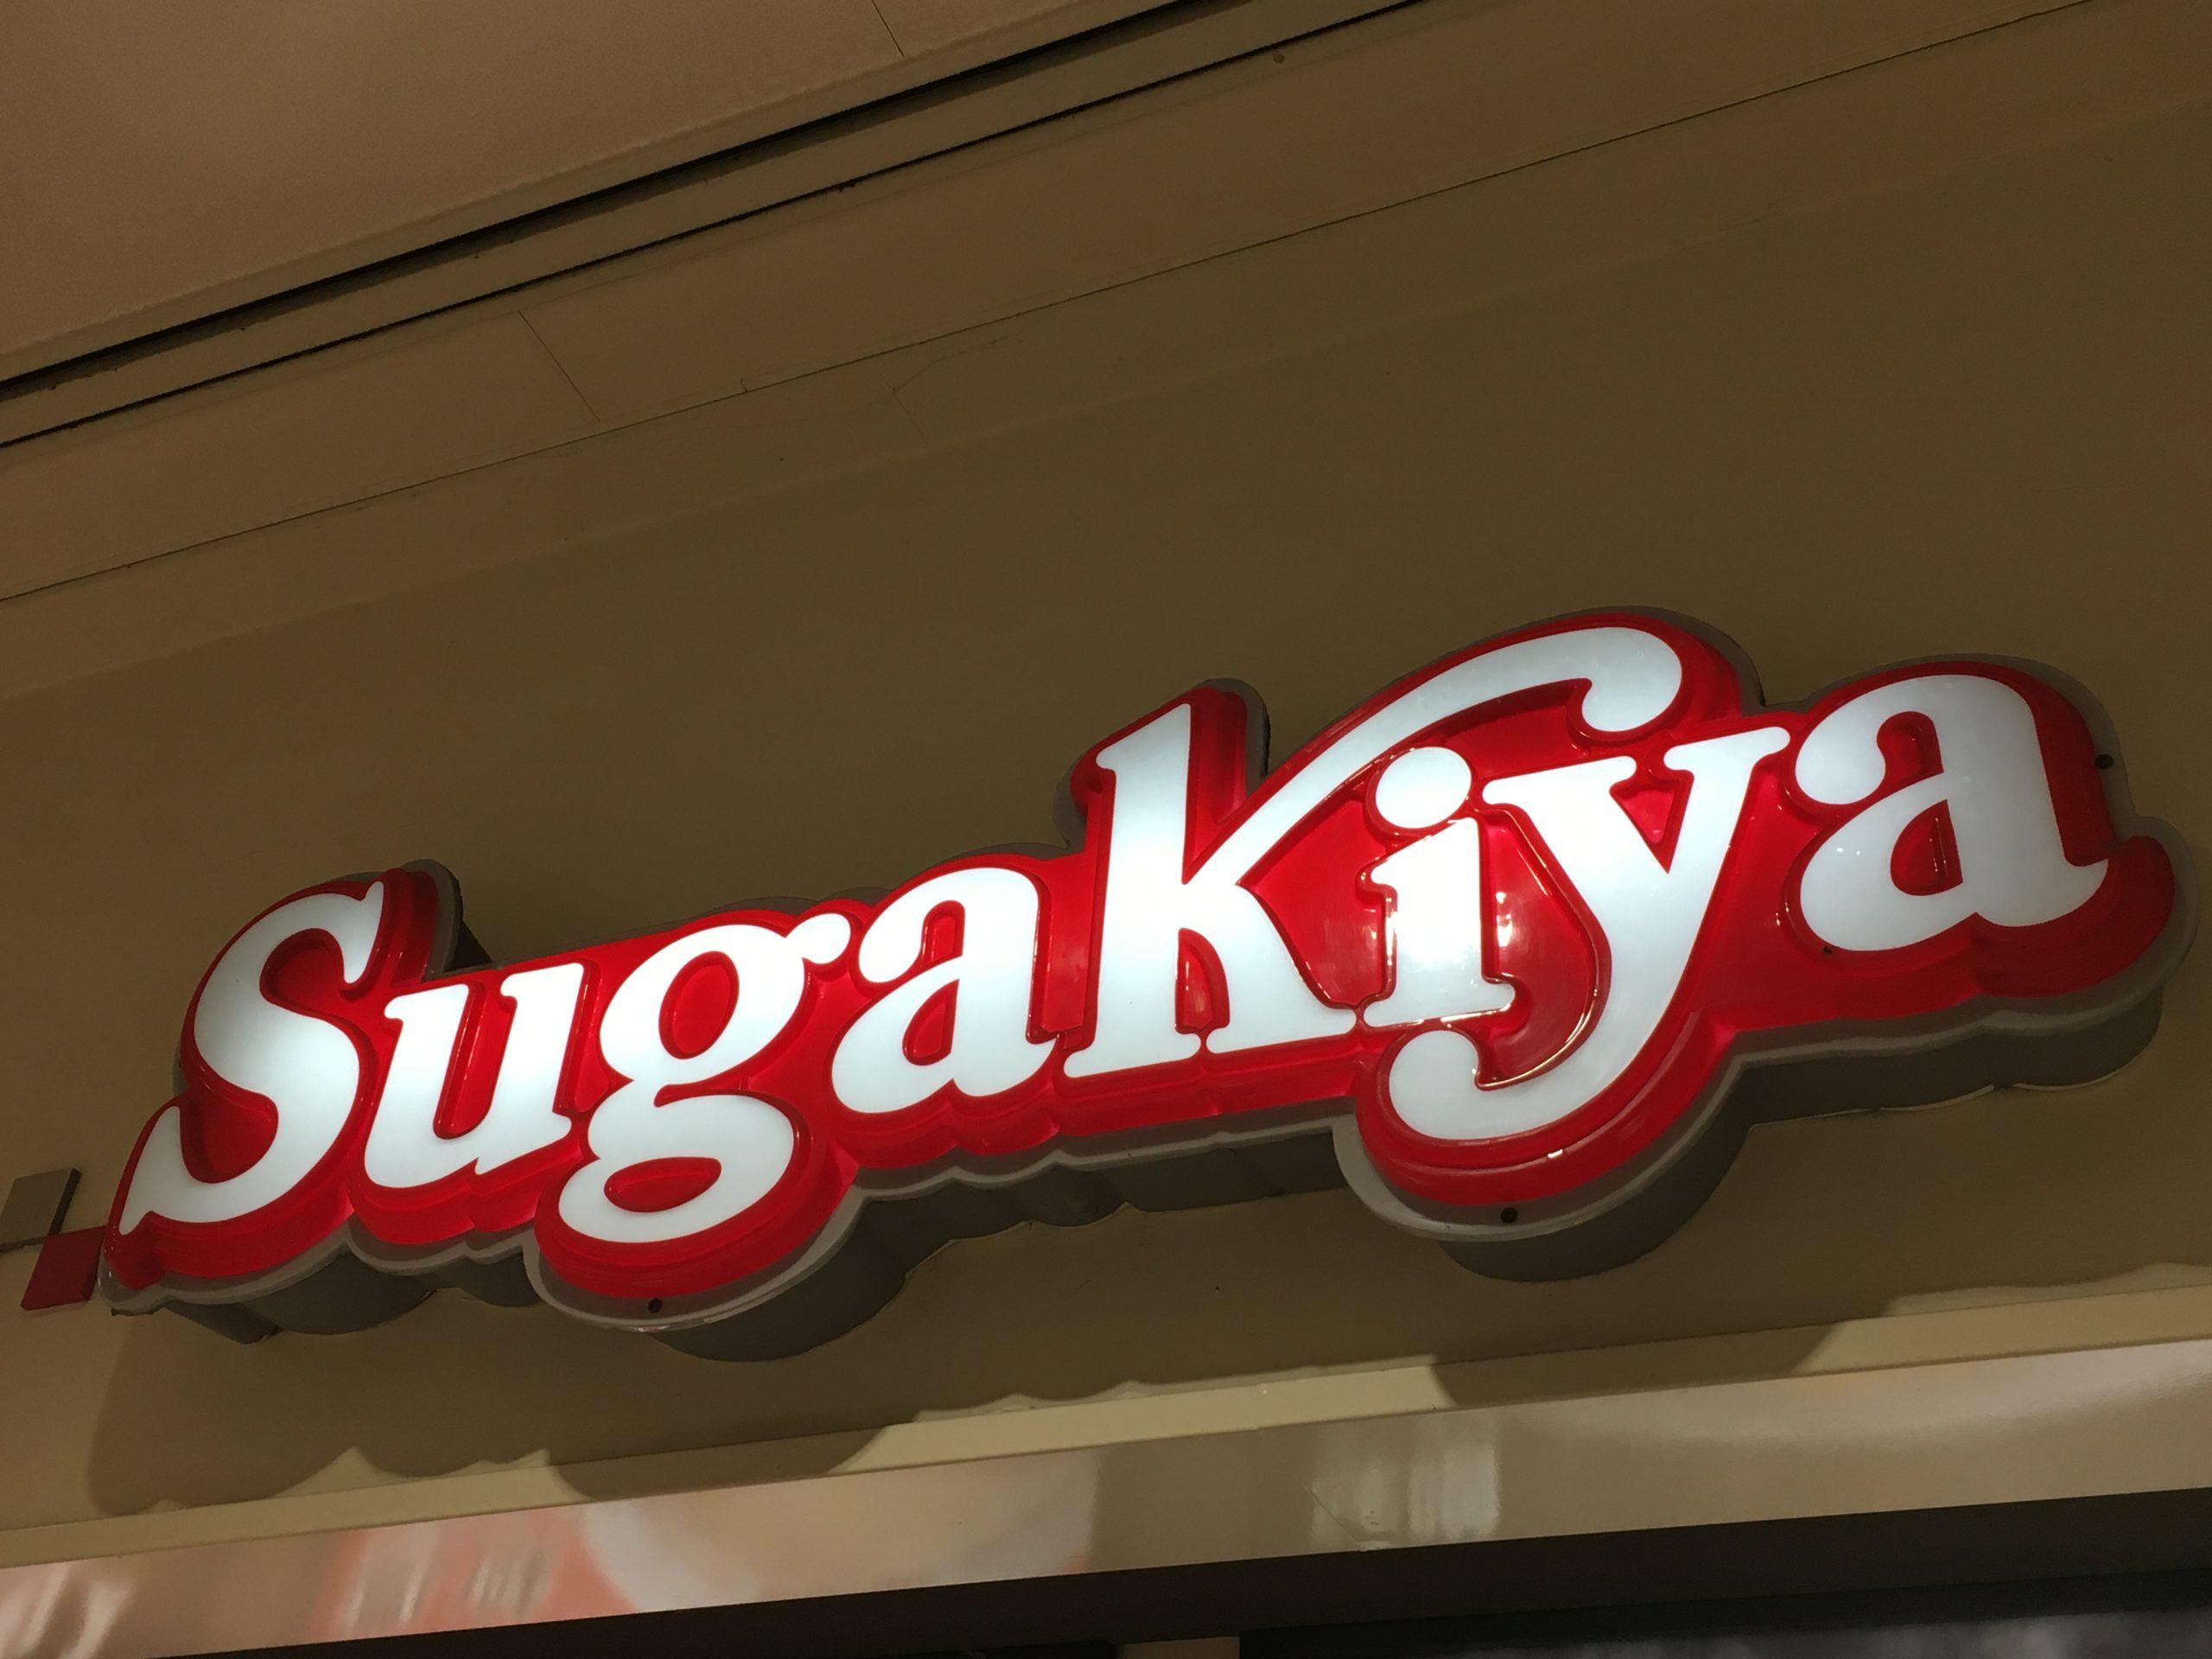 sugakiya-ramen-campaign